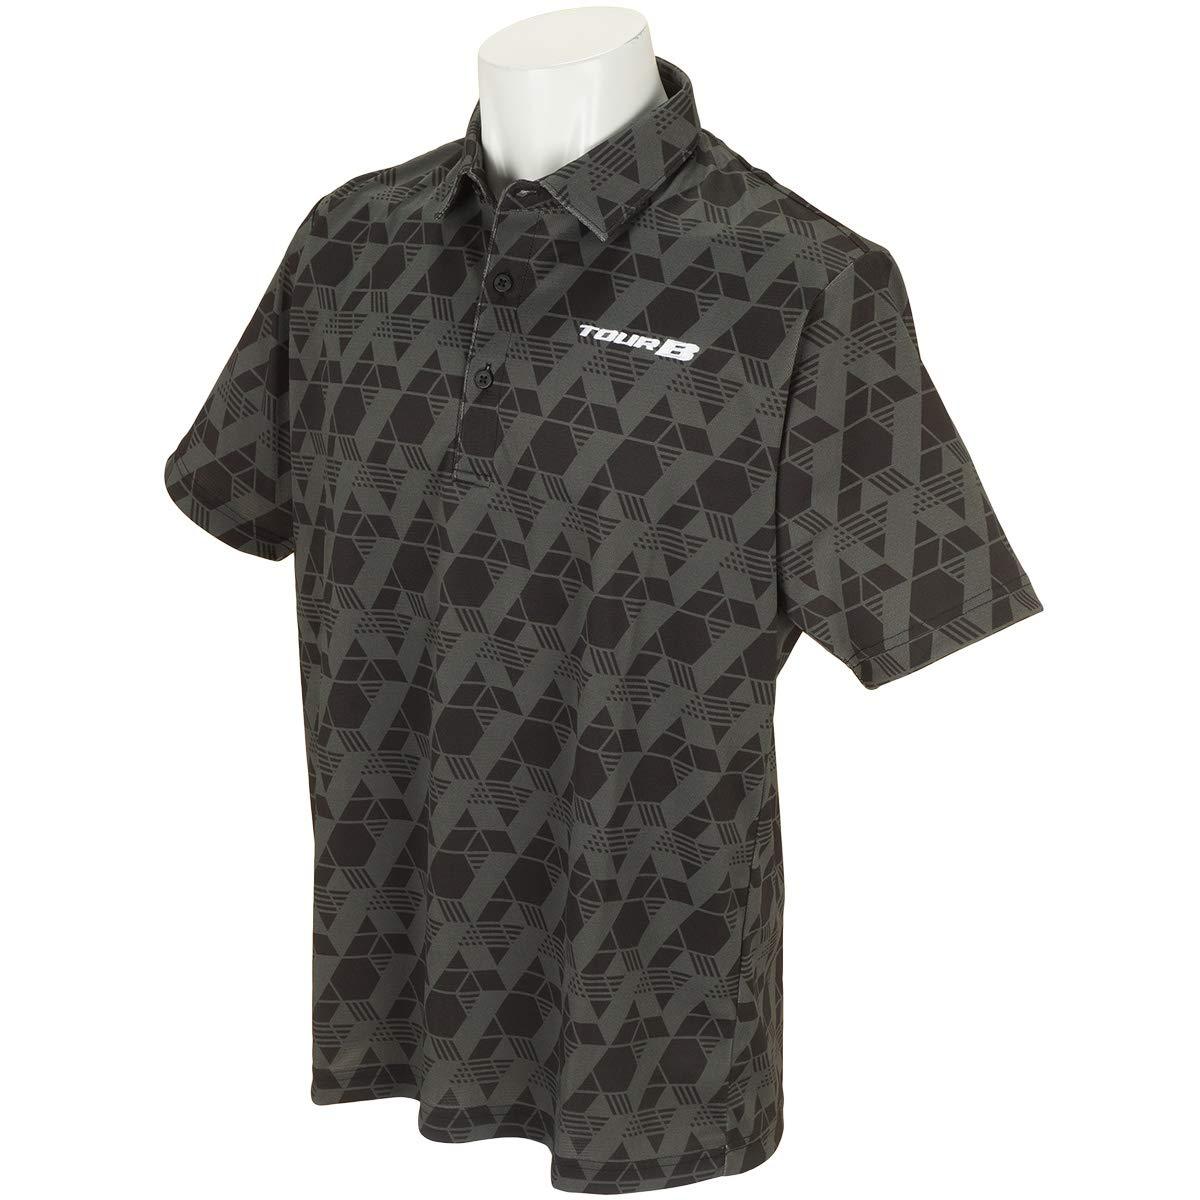 ブリヂストン TOUR B 半袖シャツポロシャツ 半袖ポロシャツ ブラック 3L   B07Q3KPFRH